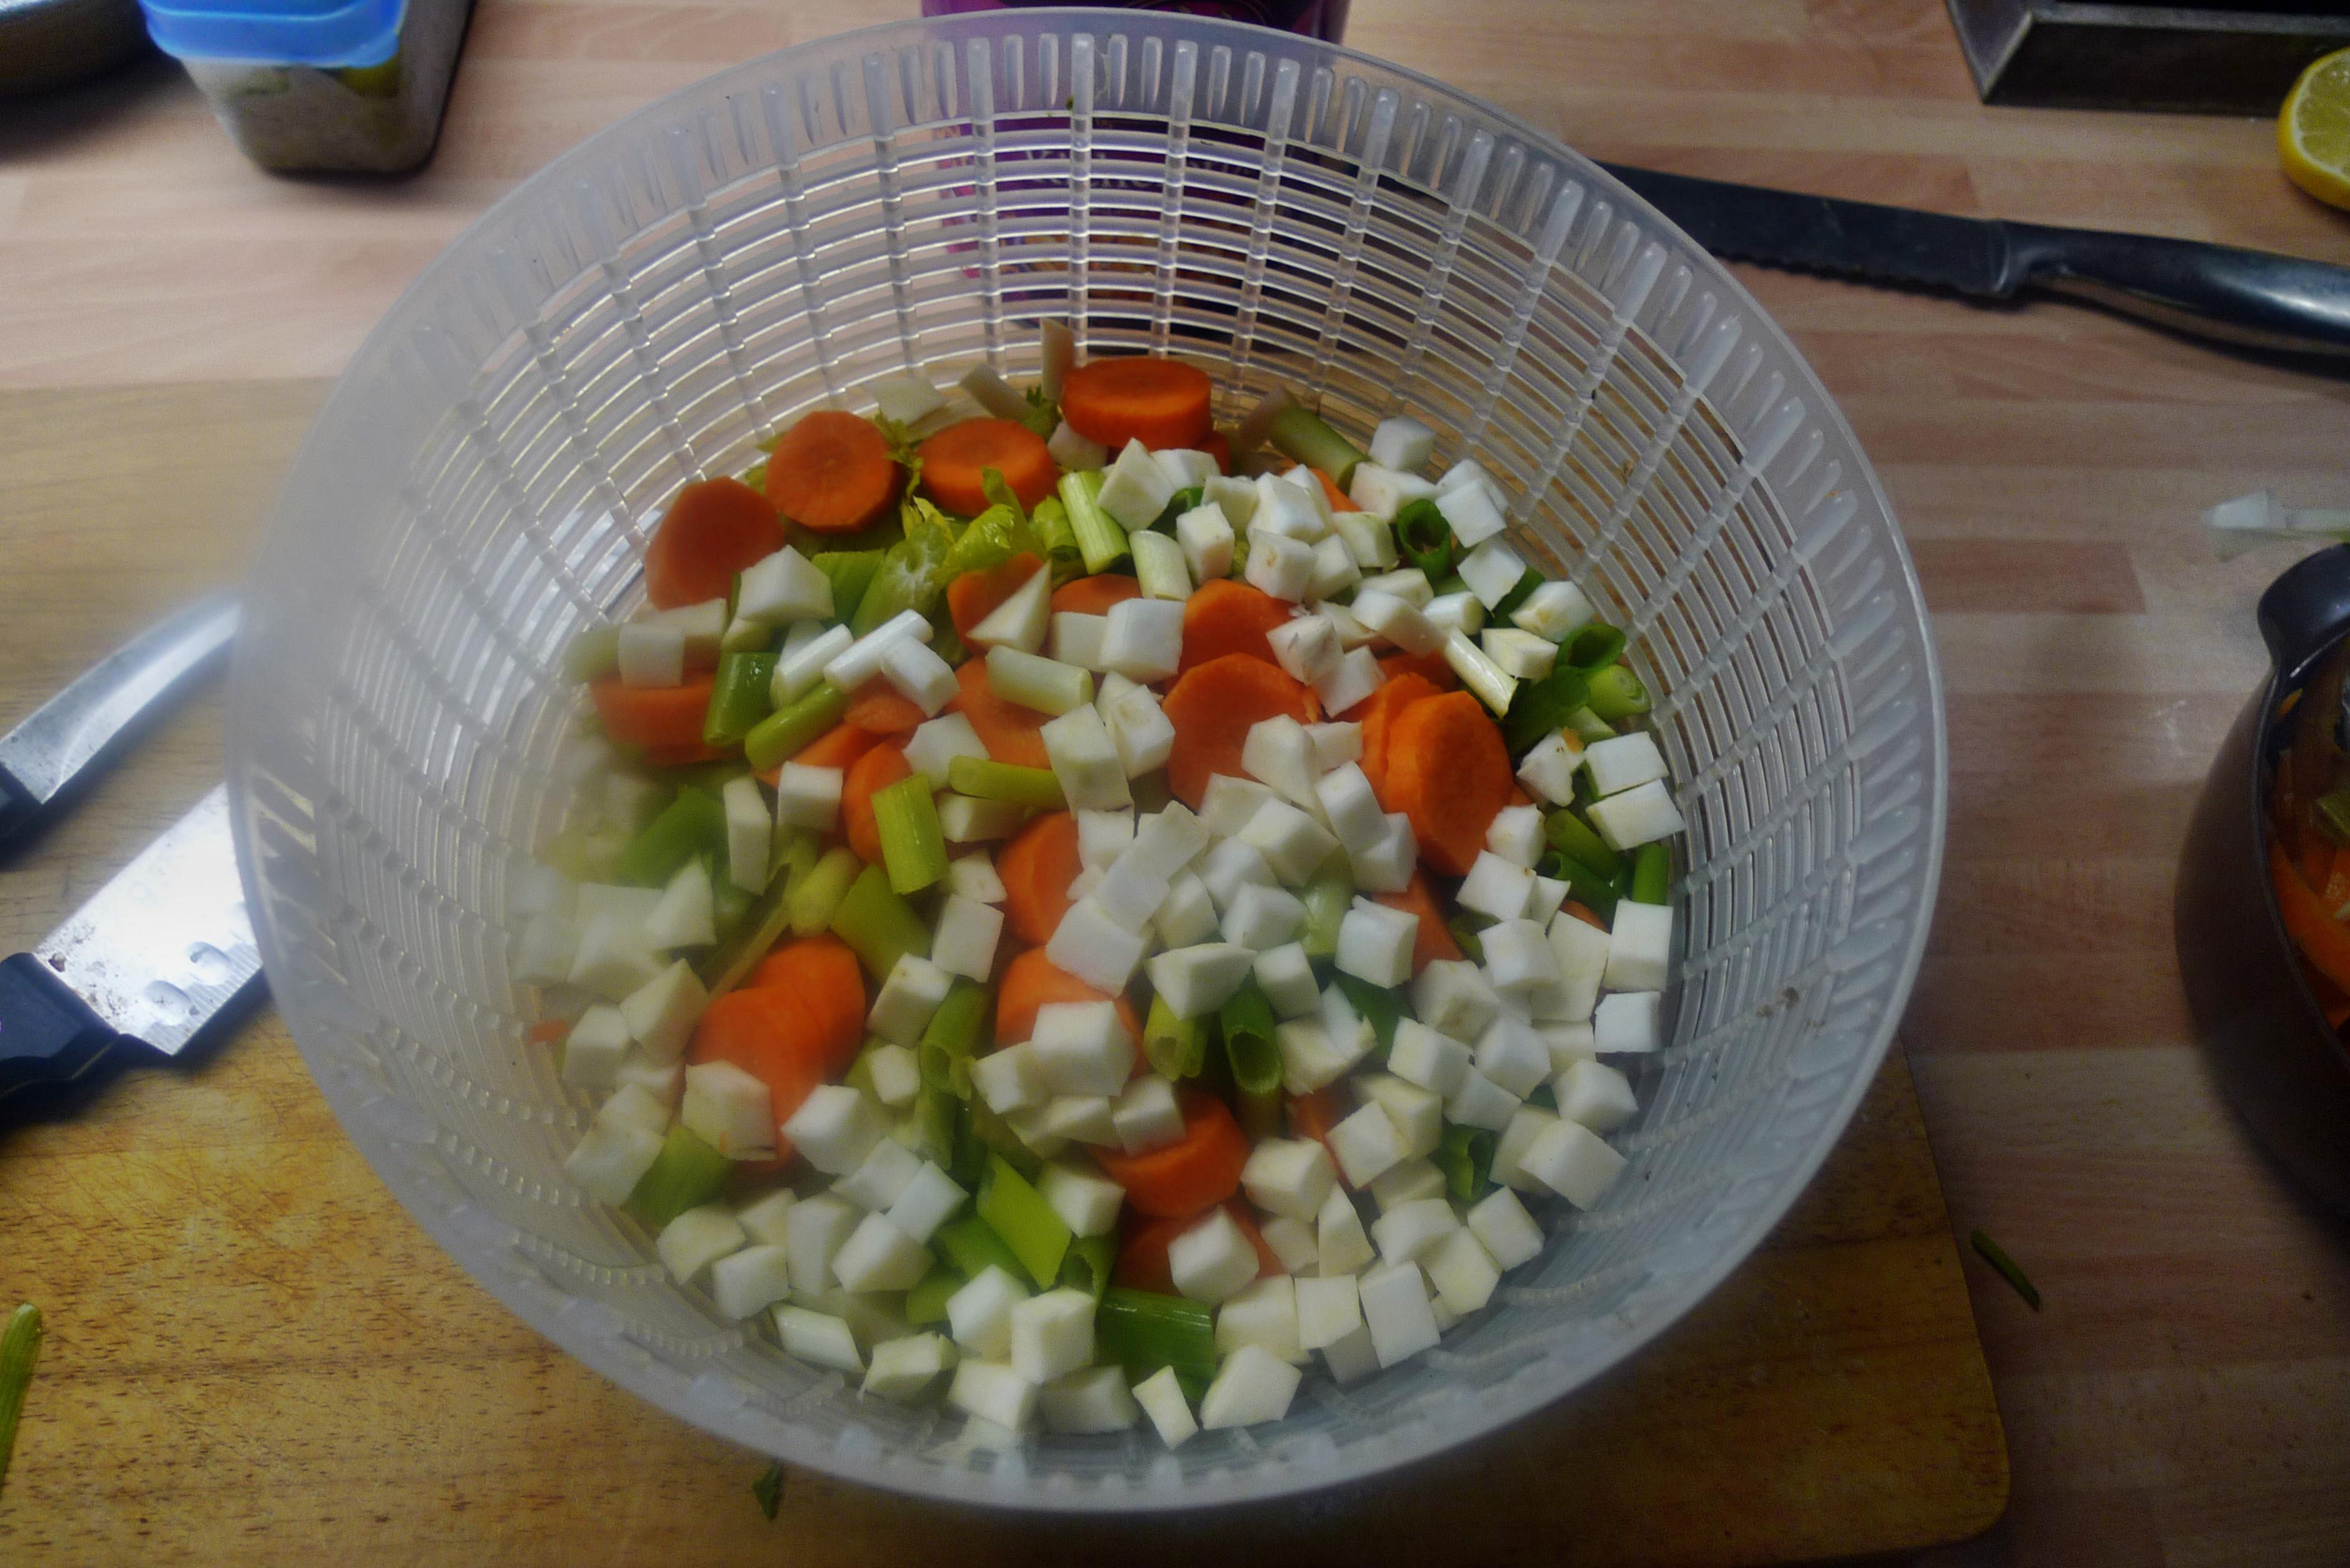 Gemüsesuppe mit Kichererbsen- vegan- 16.10.14   (10a)